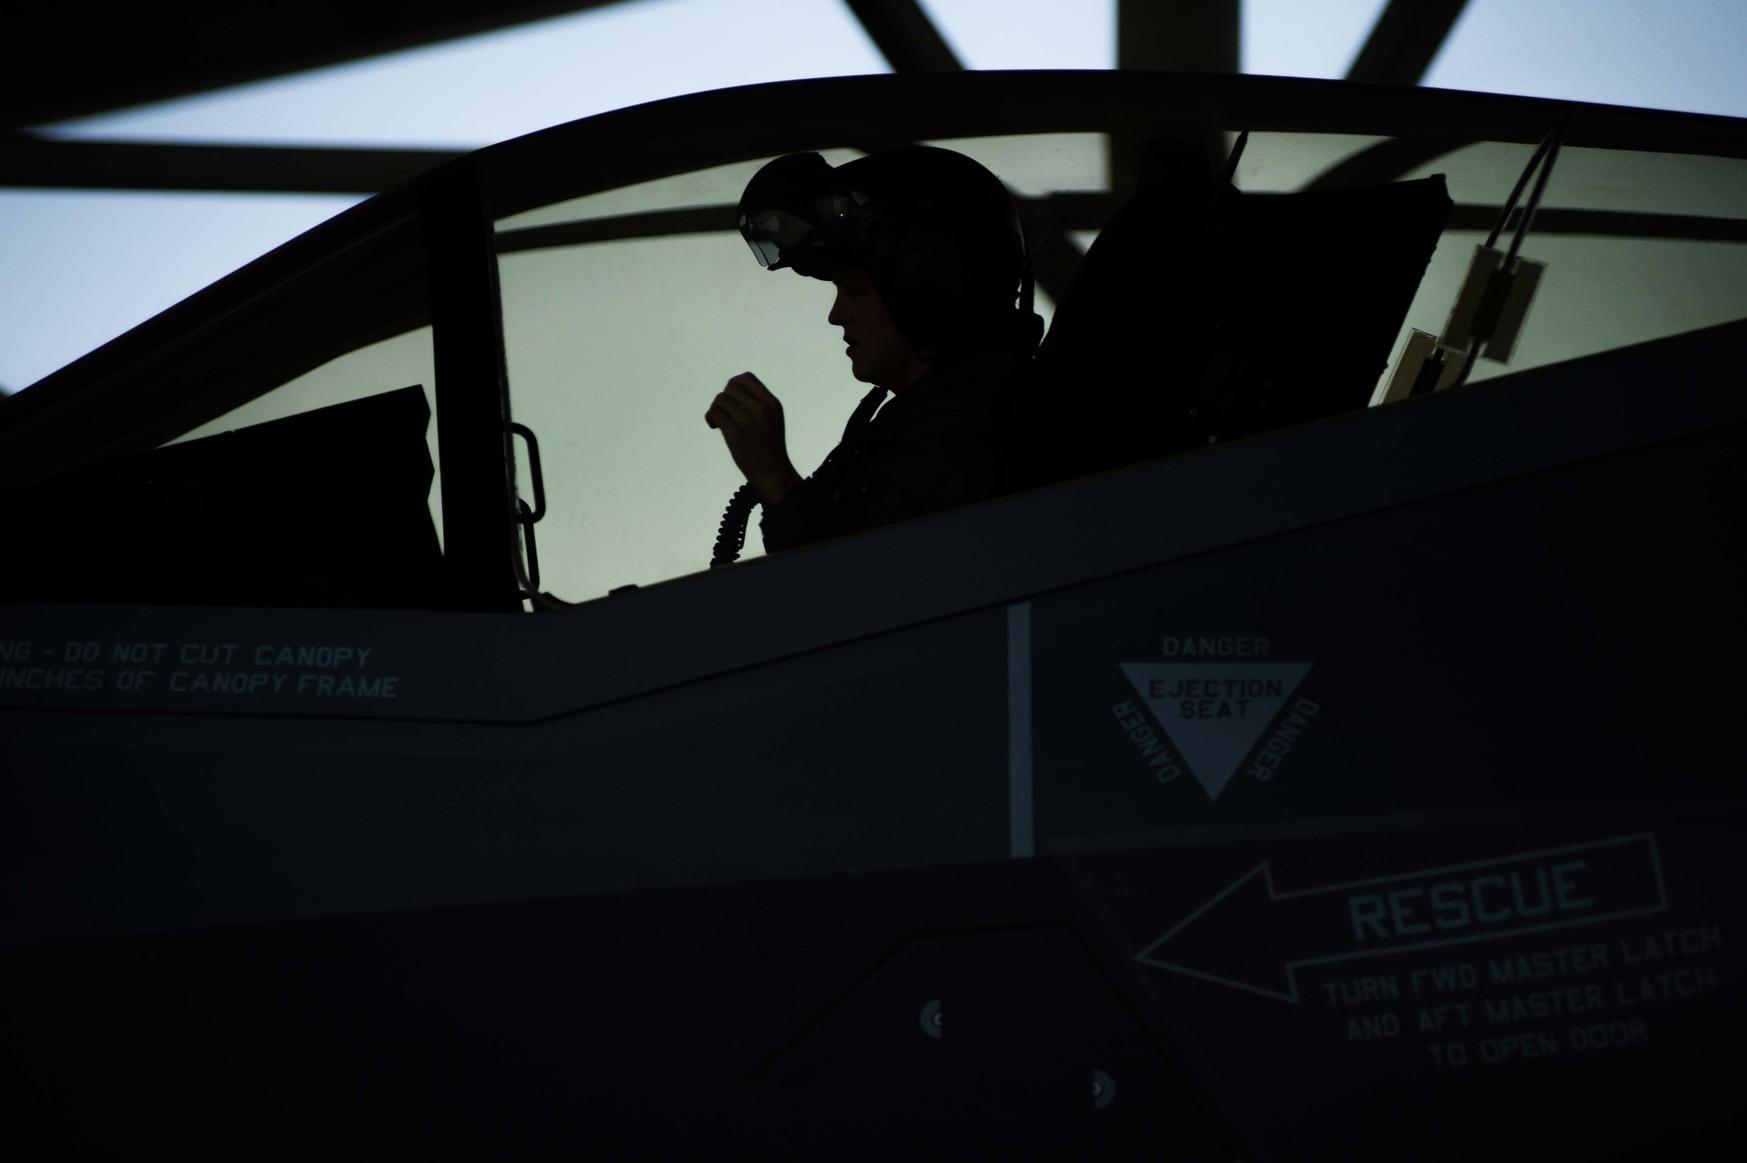 F-35 kokpitinin kabin basıncındaki ani artışların aşırı kulak ve sinüs ağrısına neden olduğu bilinmektedir. (Kıdemli Havacı Danielle Charmichael / ABD Hava Kuvvetleri)